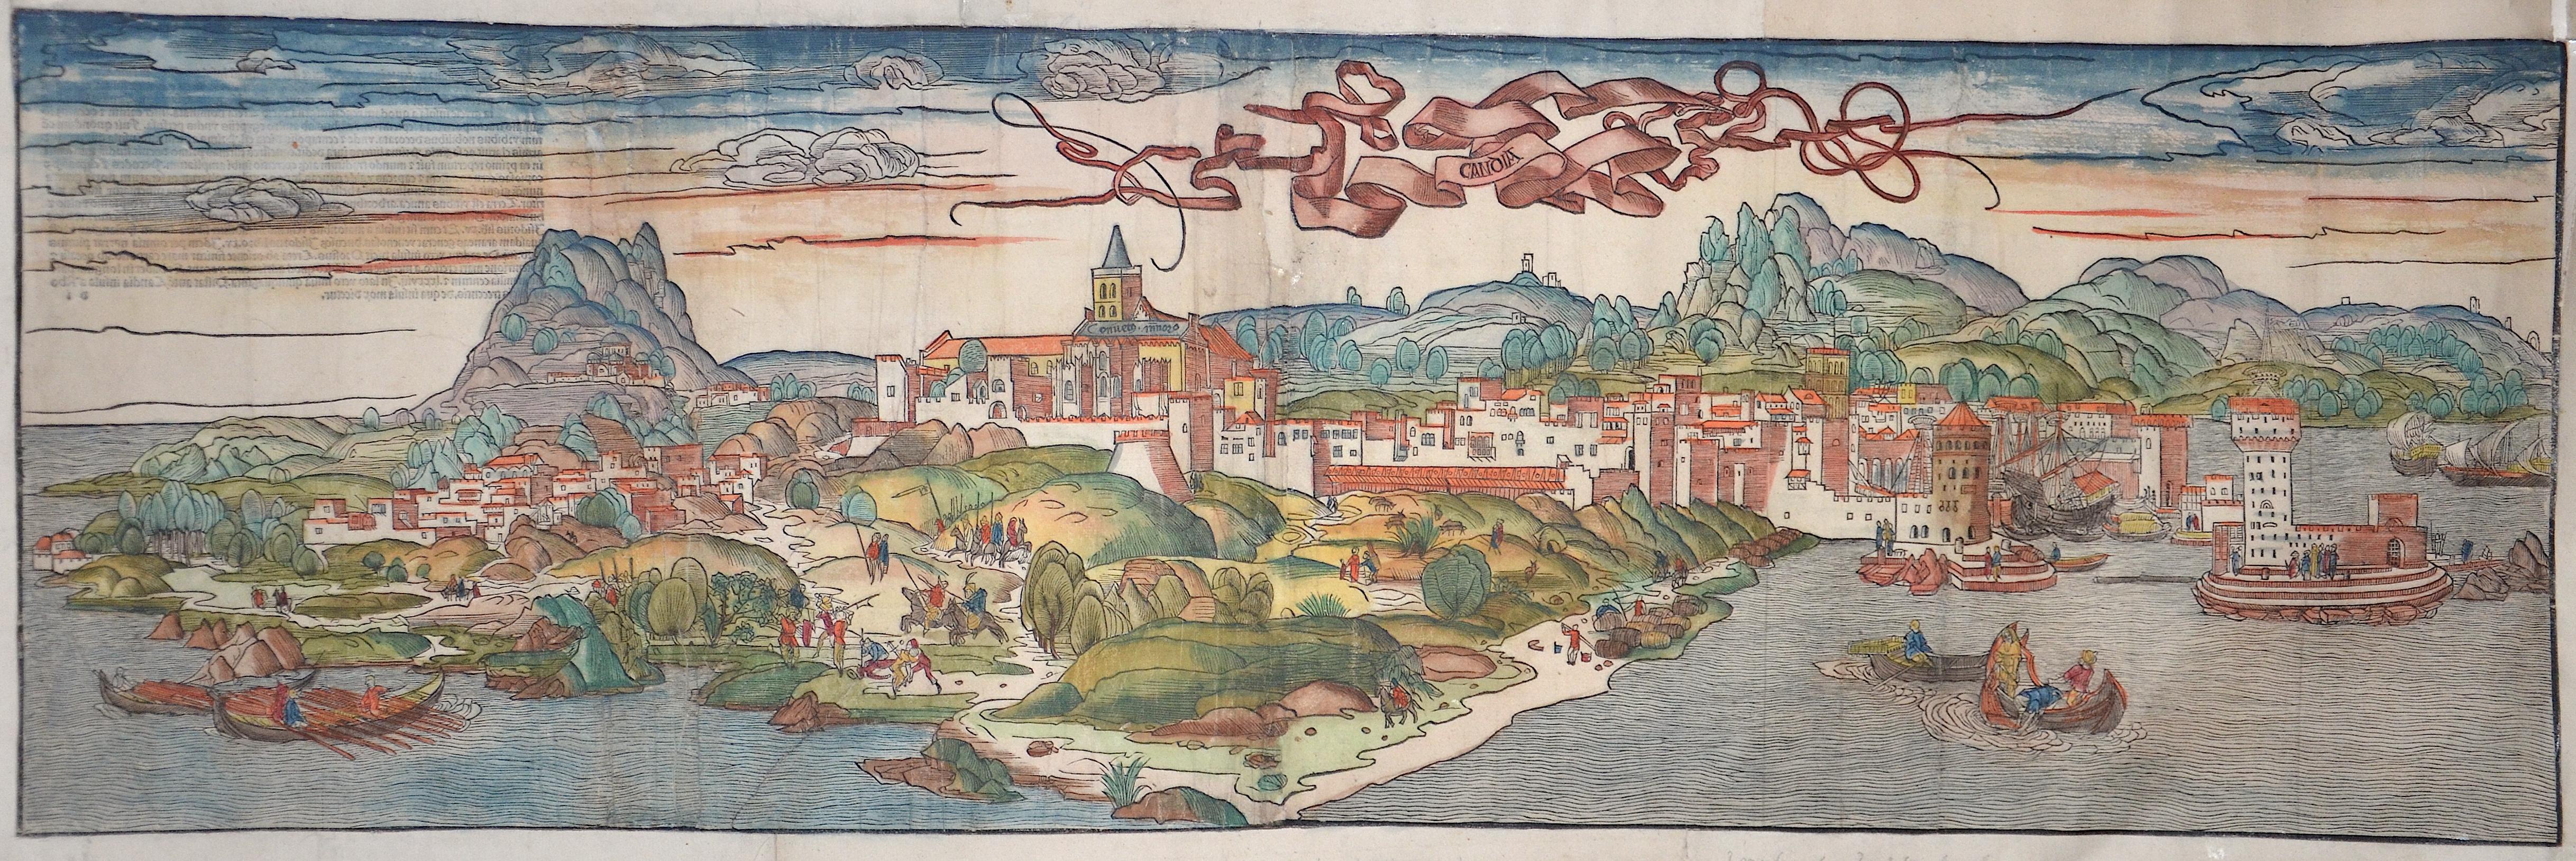 Breidenbach, von Berhard Candia